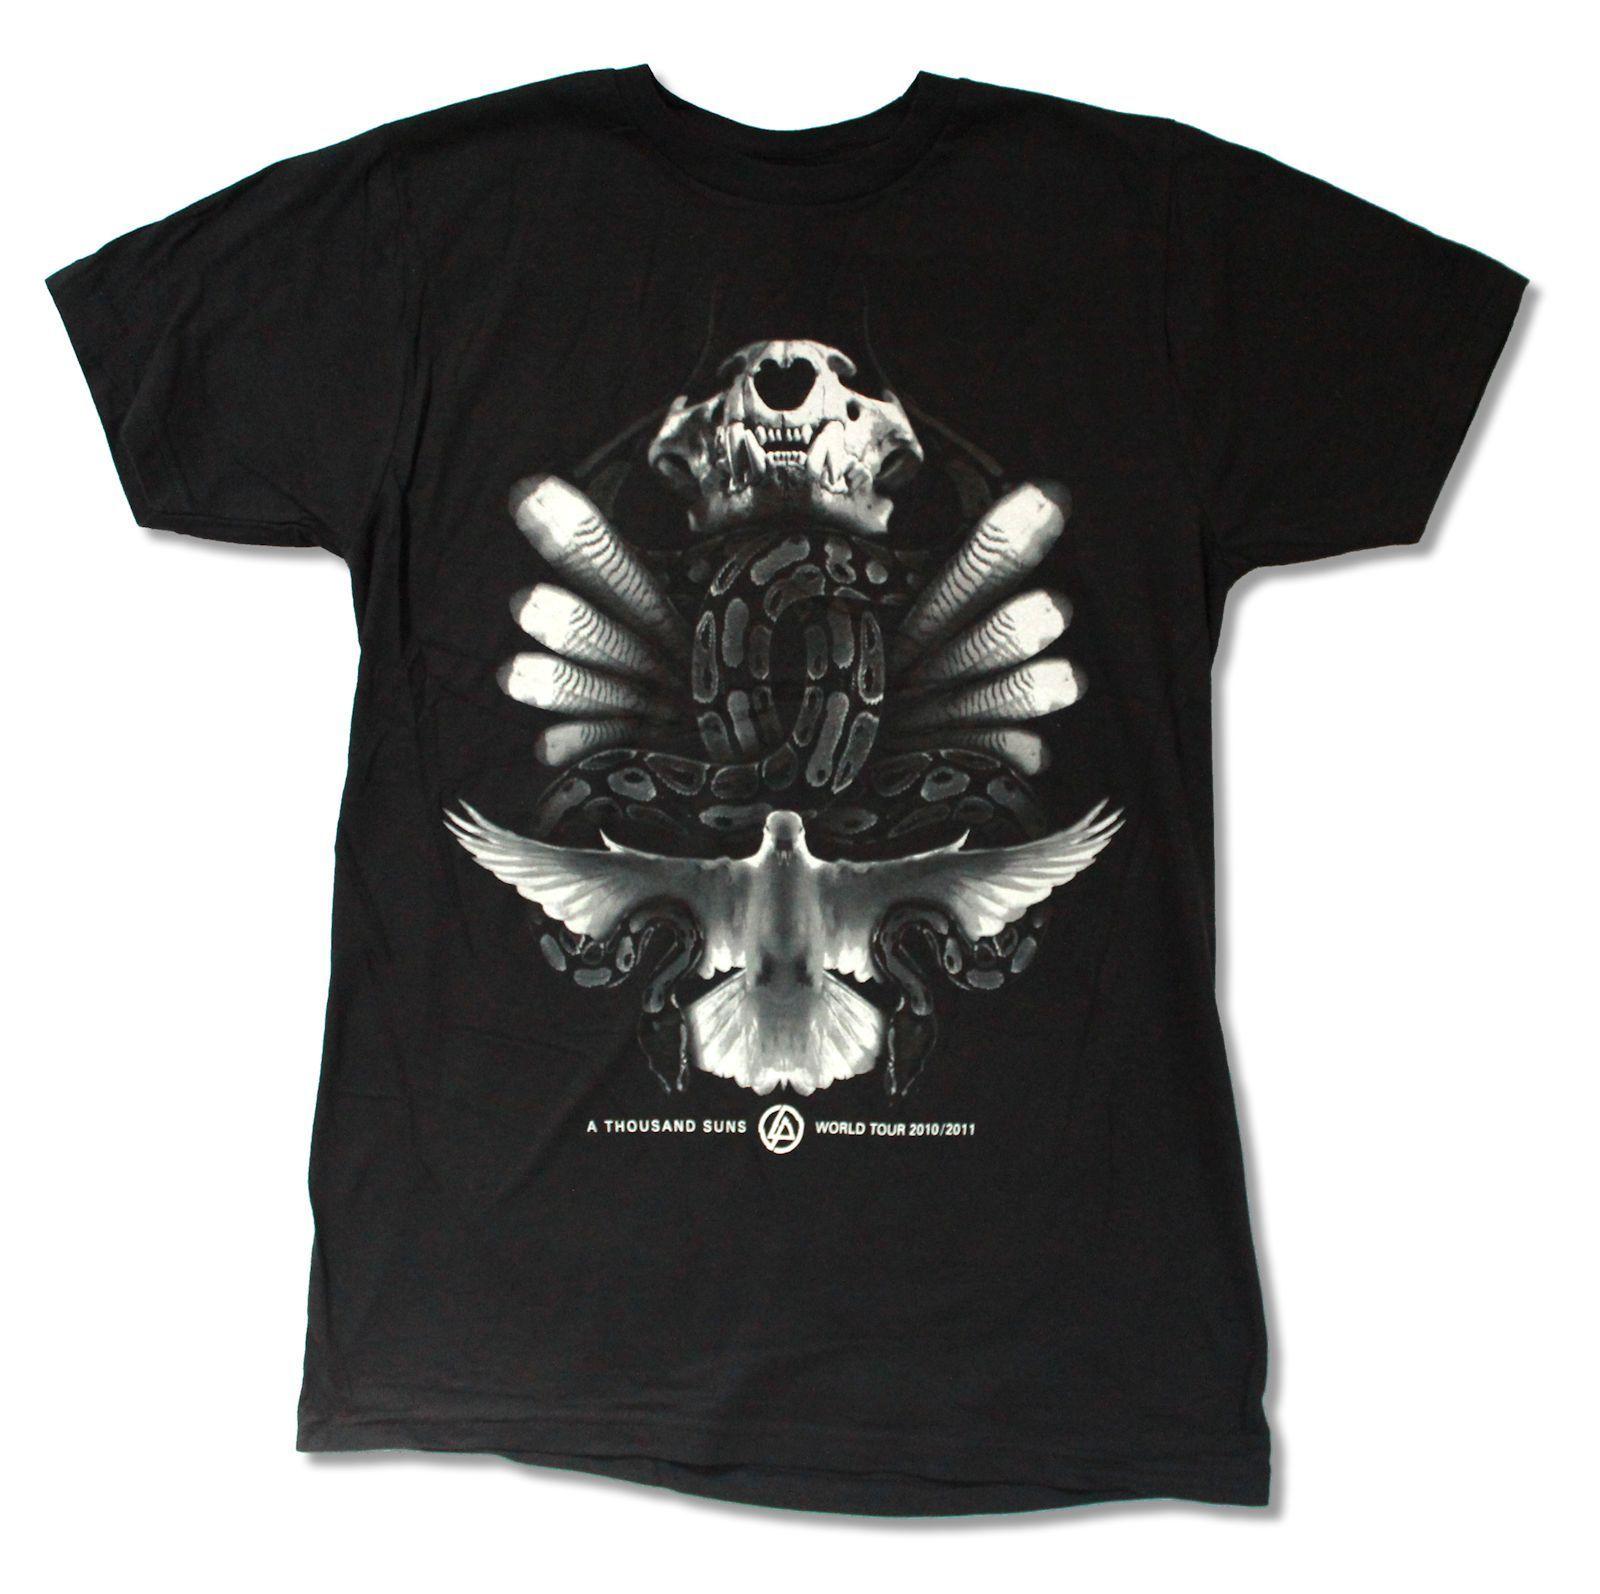 """LINKIN PARK """"змей TOUR"""" черная полоса футболка Новый Официальный взрослых Ретро топы, футболки"""